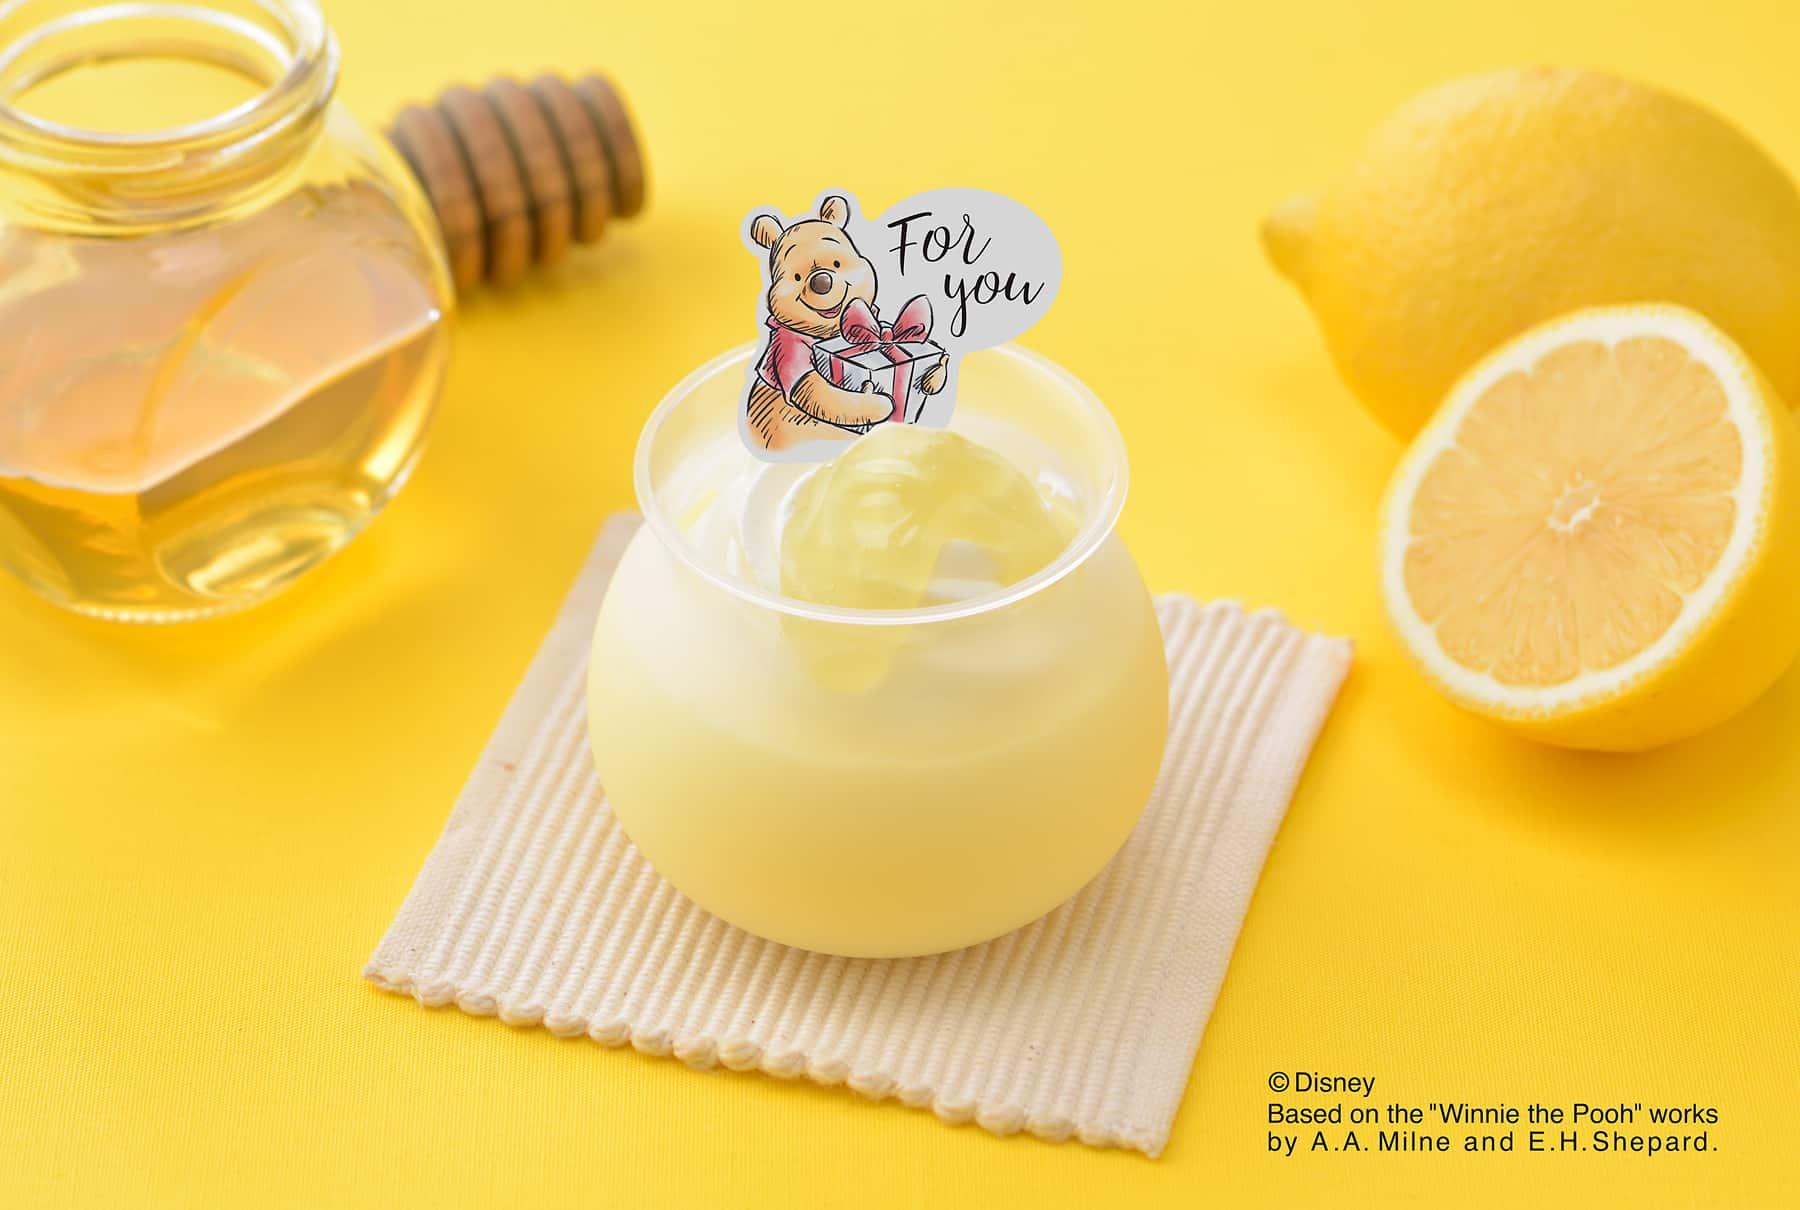 はちみつレモンの味わい♡「くまのプーさん」スイーツが期間限定で登場!